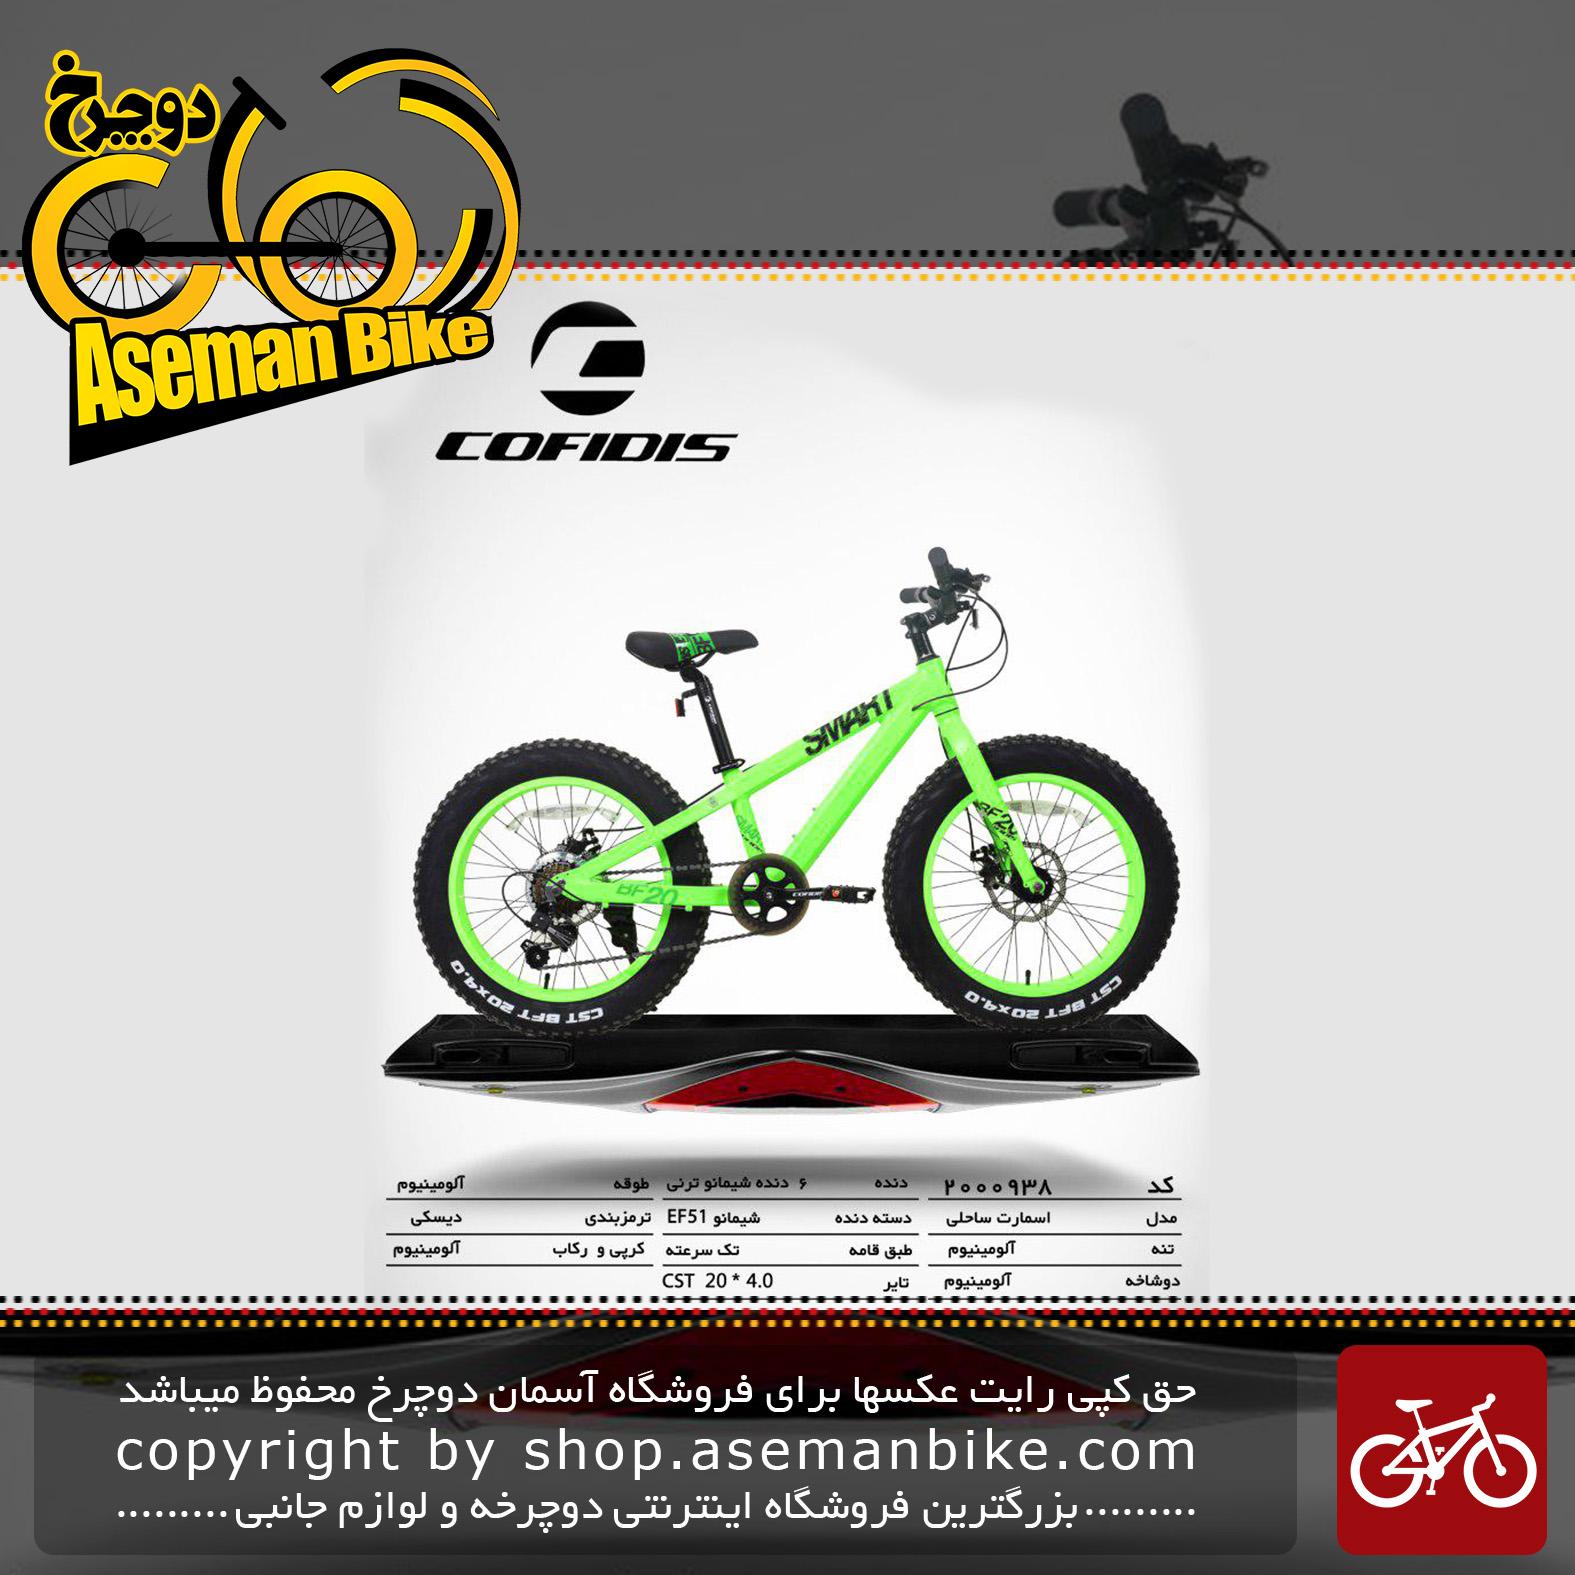 دوچرخه فت بایک کافیدیس تایوان مدل 938 سایز 20 2019 COFIDIS Fat bike 938 Taiwan 20 2019